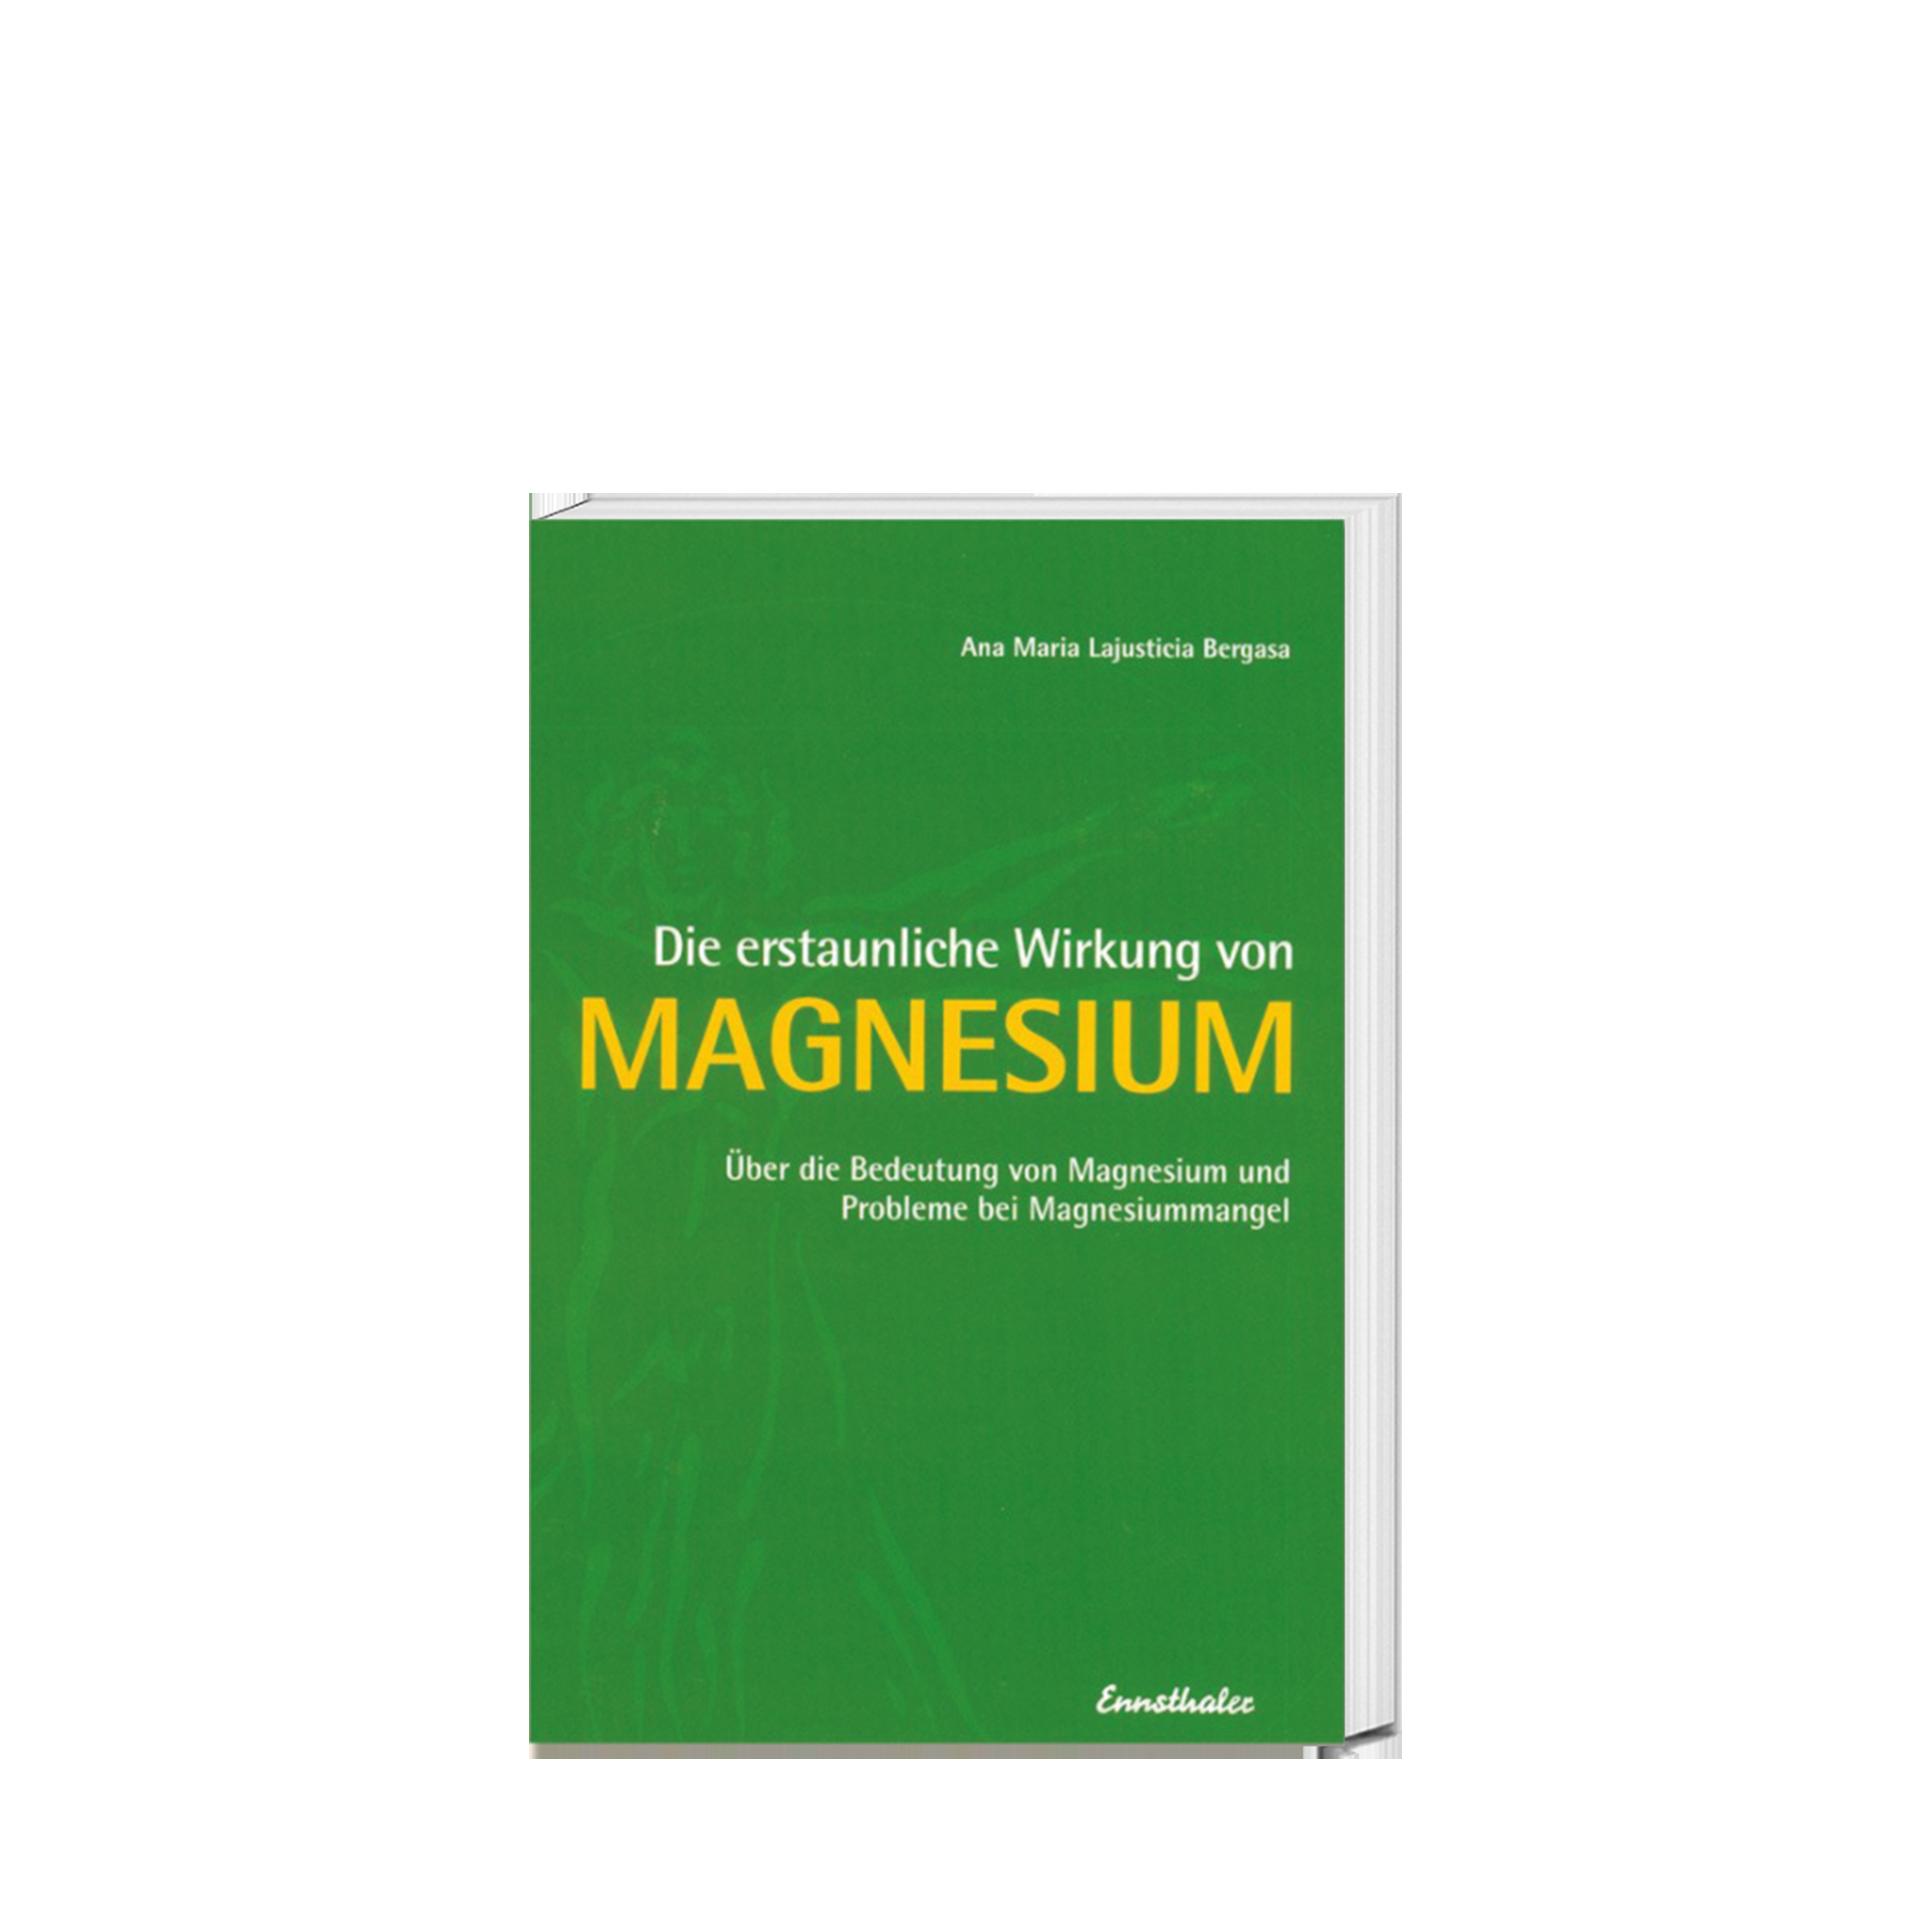 Die erstaunliche Wirkung von Magnesium, 104 Seiten